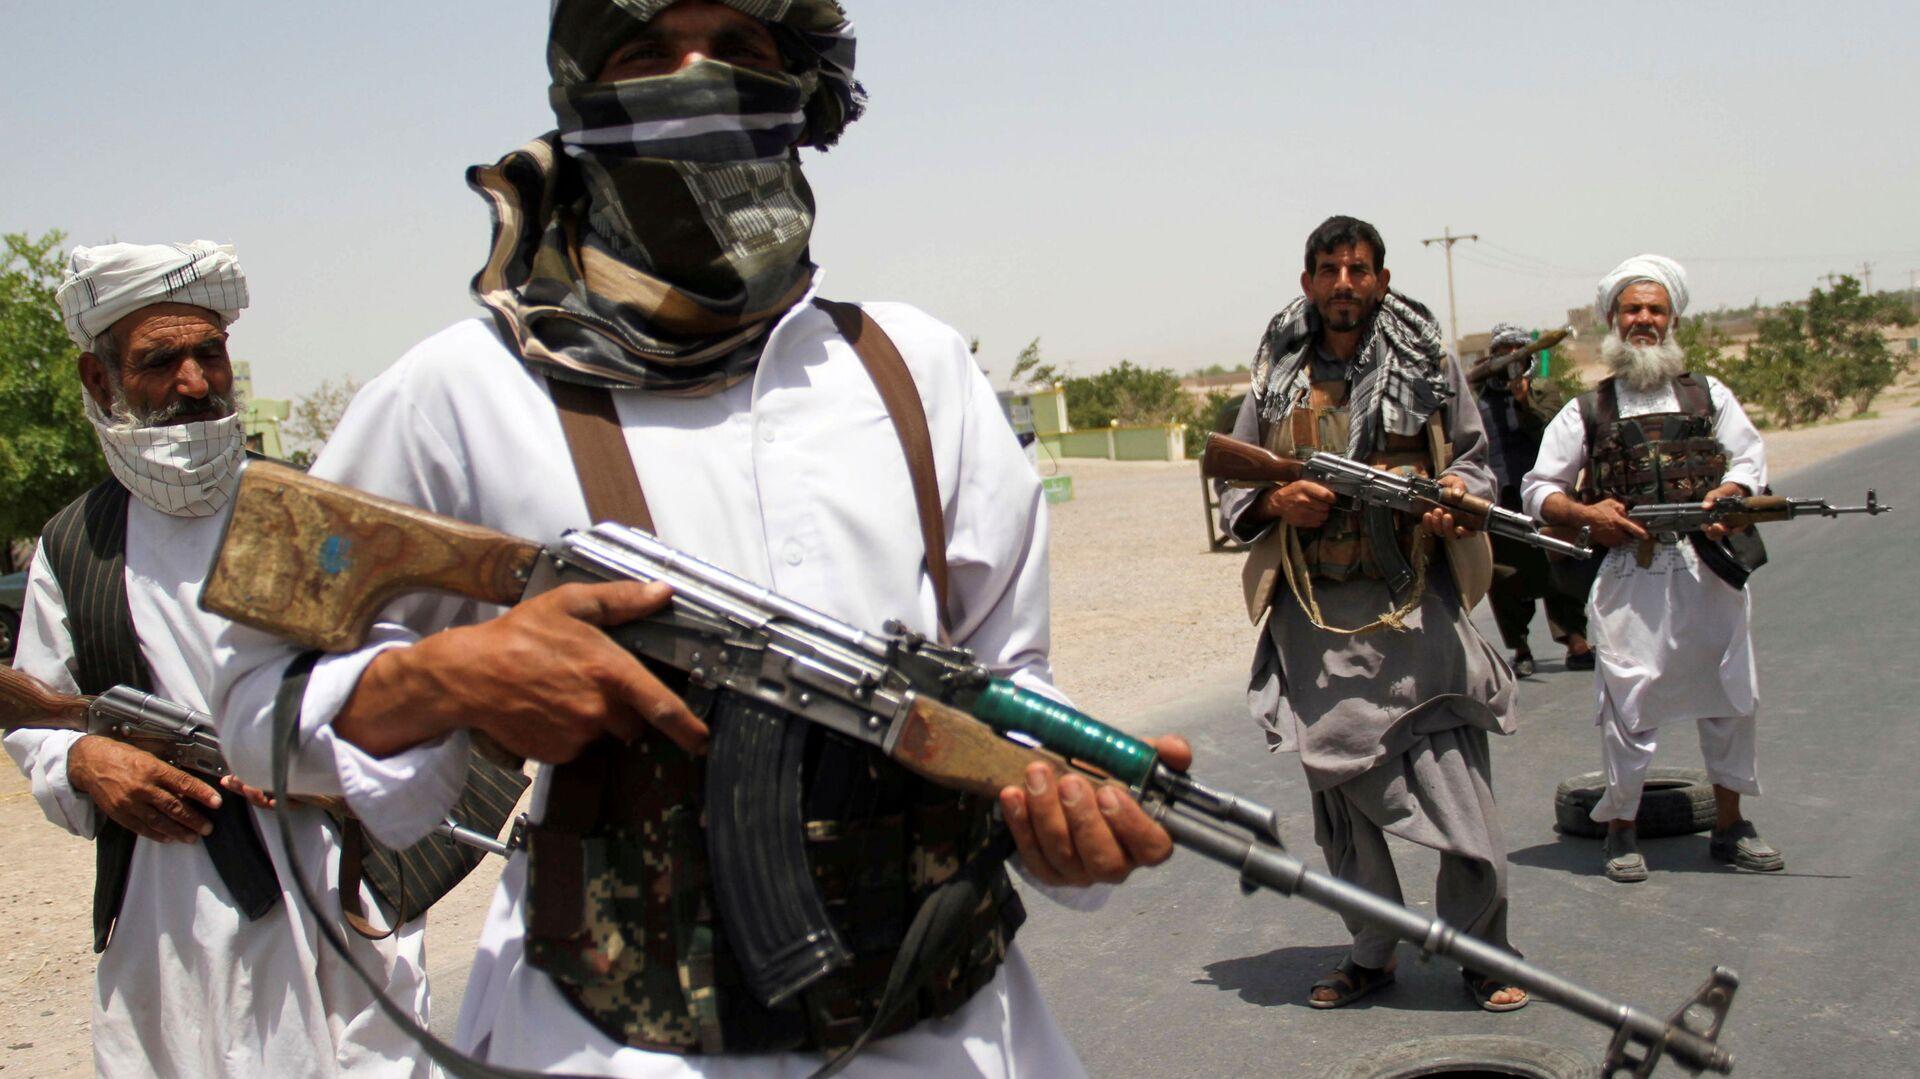 Afgan hükümet güçlerine destek veren eski mücahitler, Herat vilayetinin dışında Taliban'a direnmeye çalışırken - Sputnik Türkiye, 1920, 03.08.2021